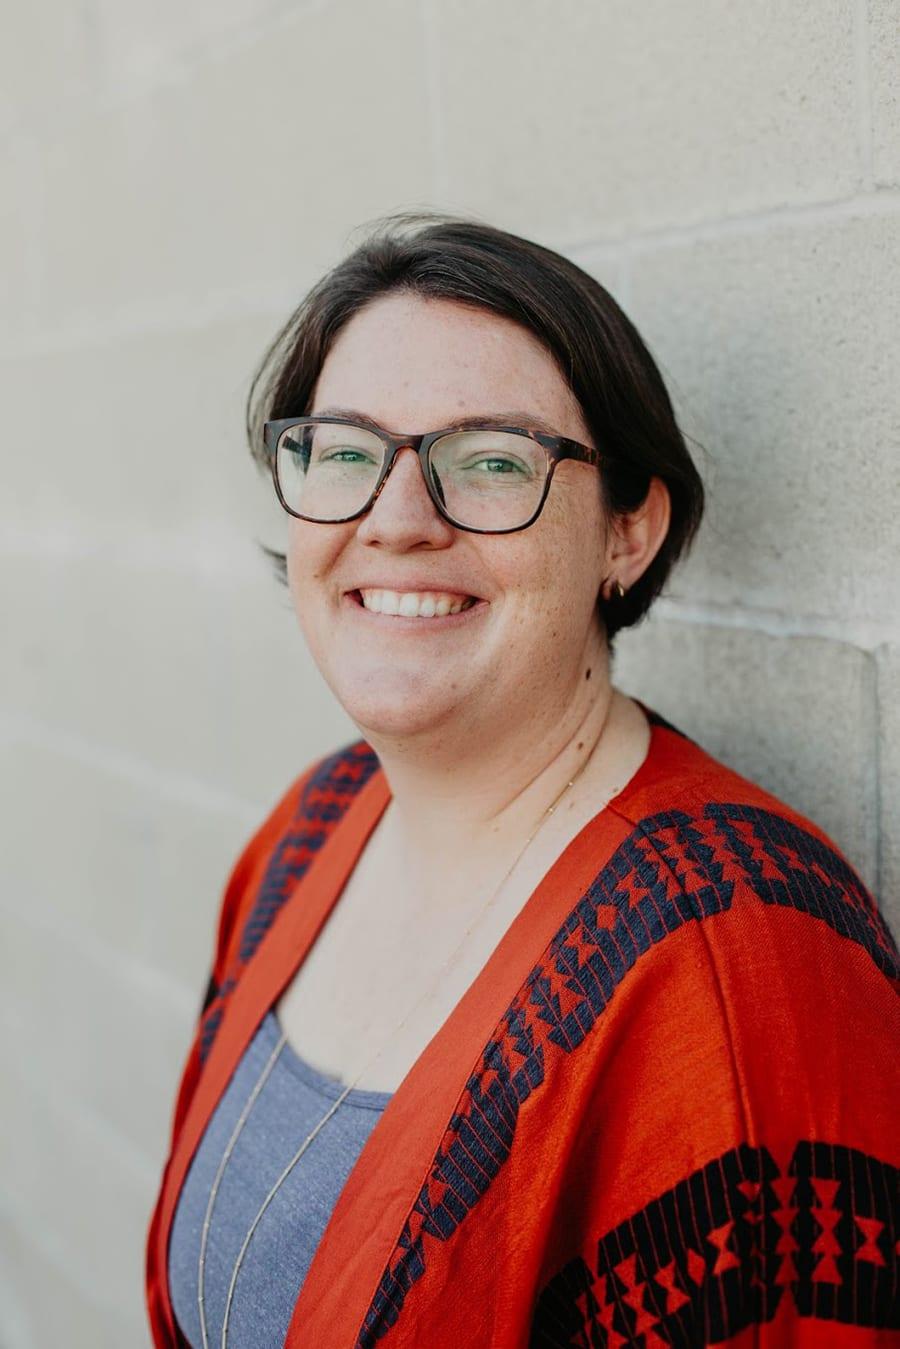 Teen's speaker, Natalie Frisk